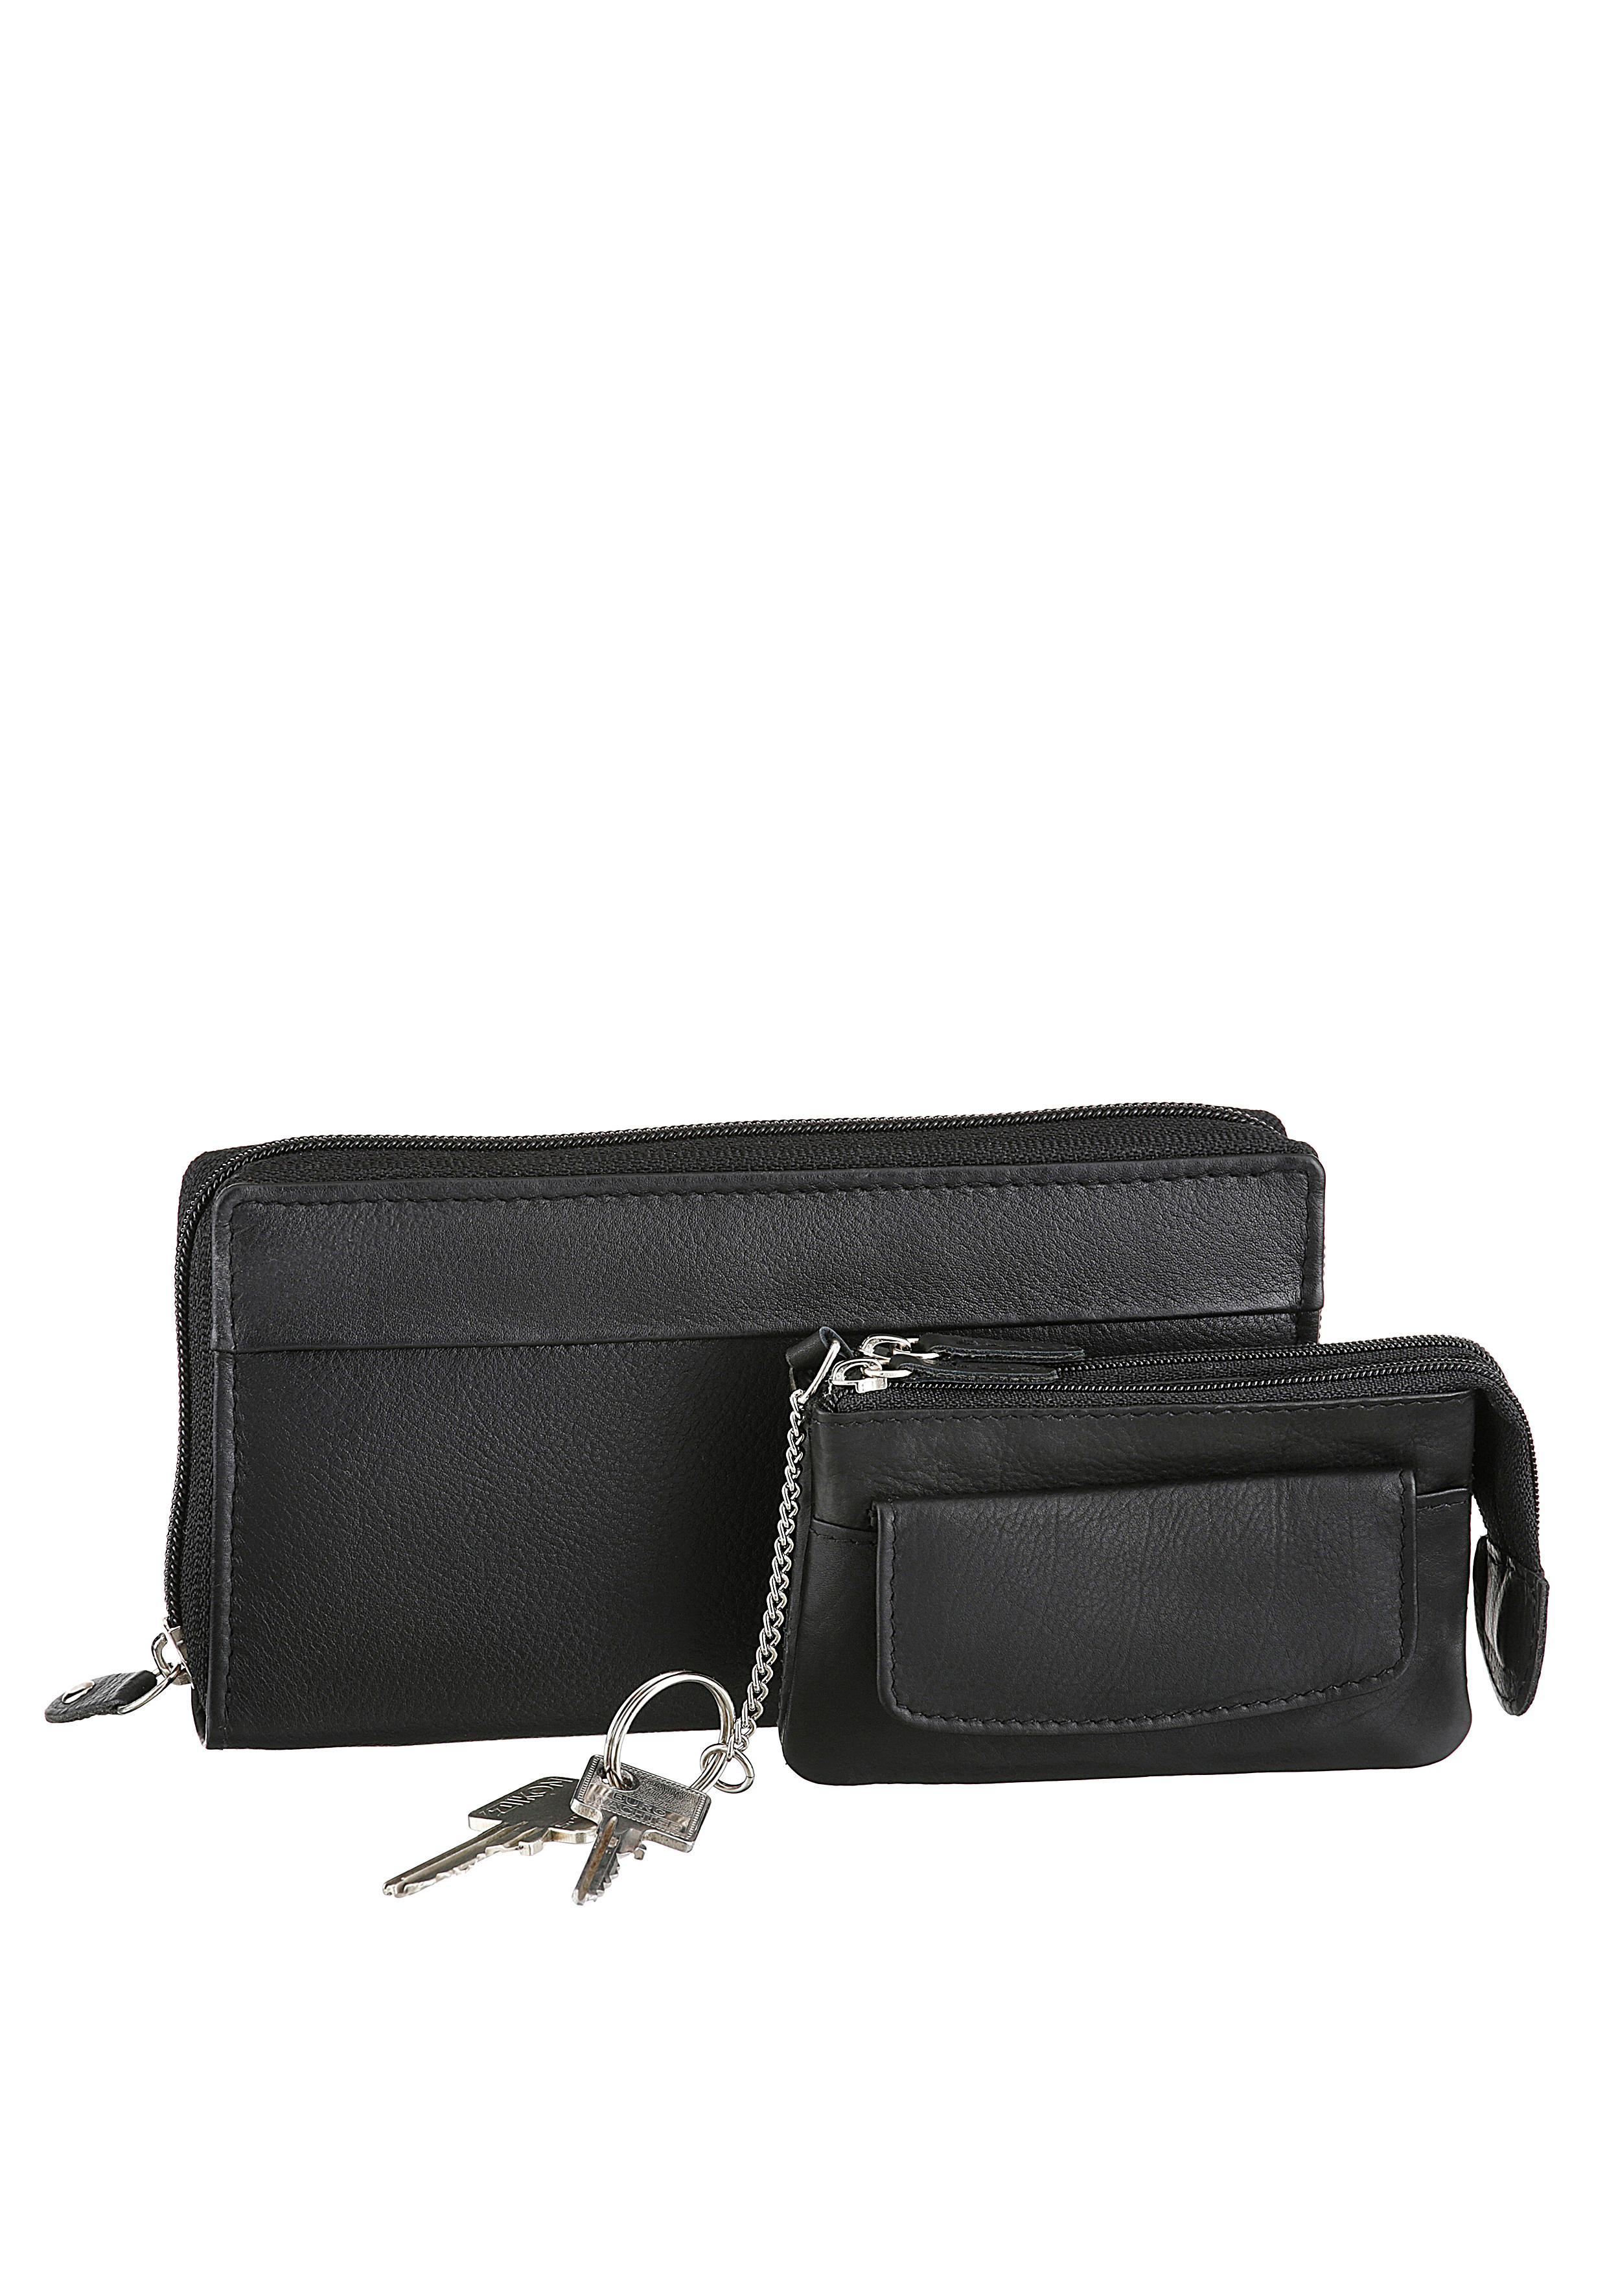 J.Jayz JJayz Geldbörse (Set 2 tlg mit Schlüsselanhänger) Damenmode/Schmuck & Accessoires/Taschen/Geldbörsen